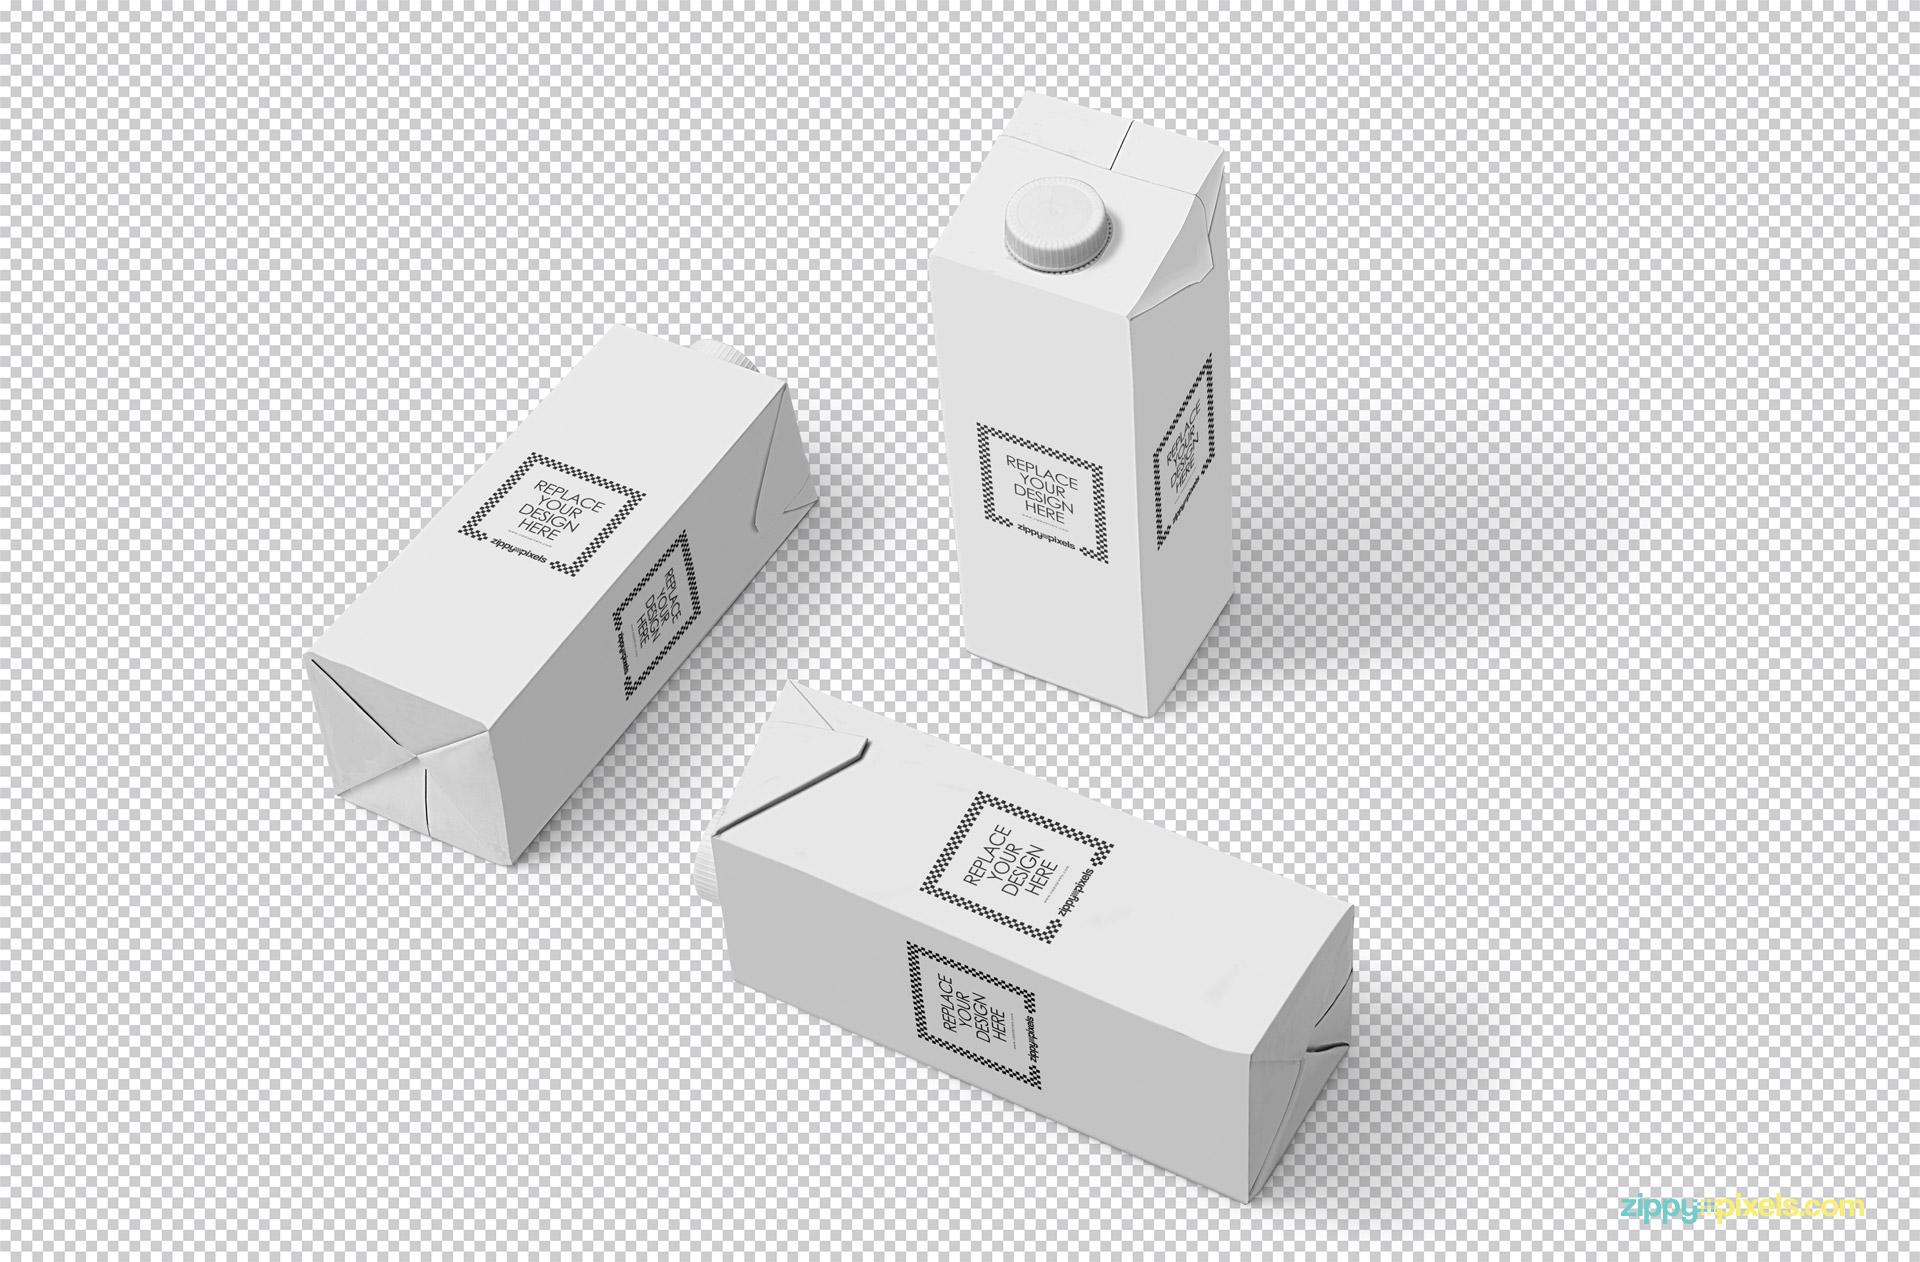 罐装牛奶盒包装设计样机模板 Milk Carton Mockup插图(1)